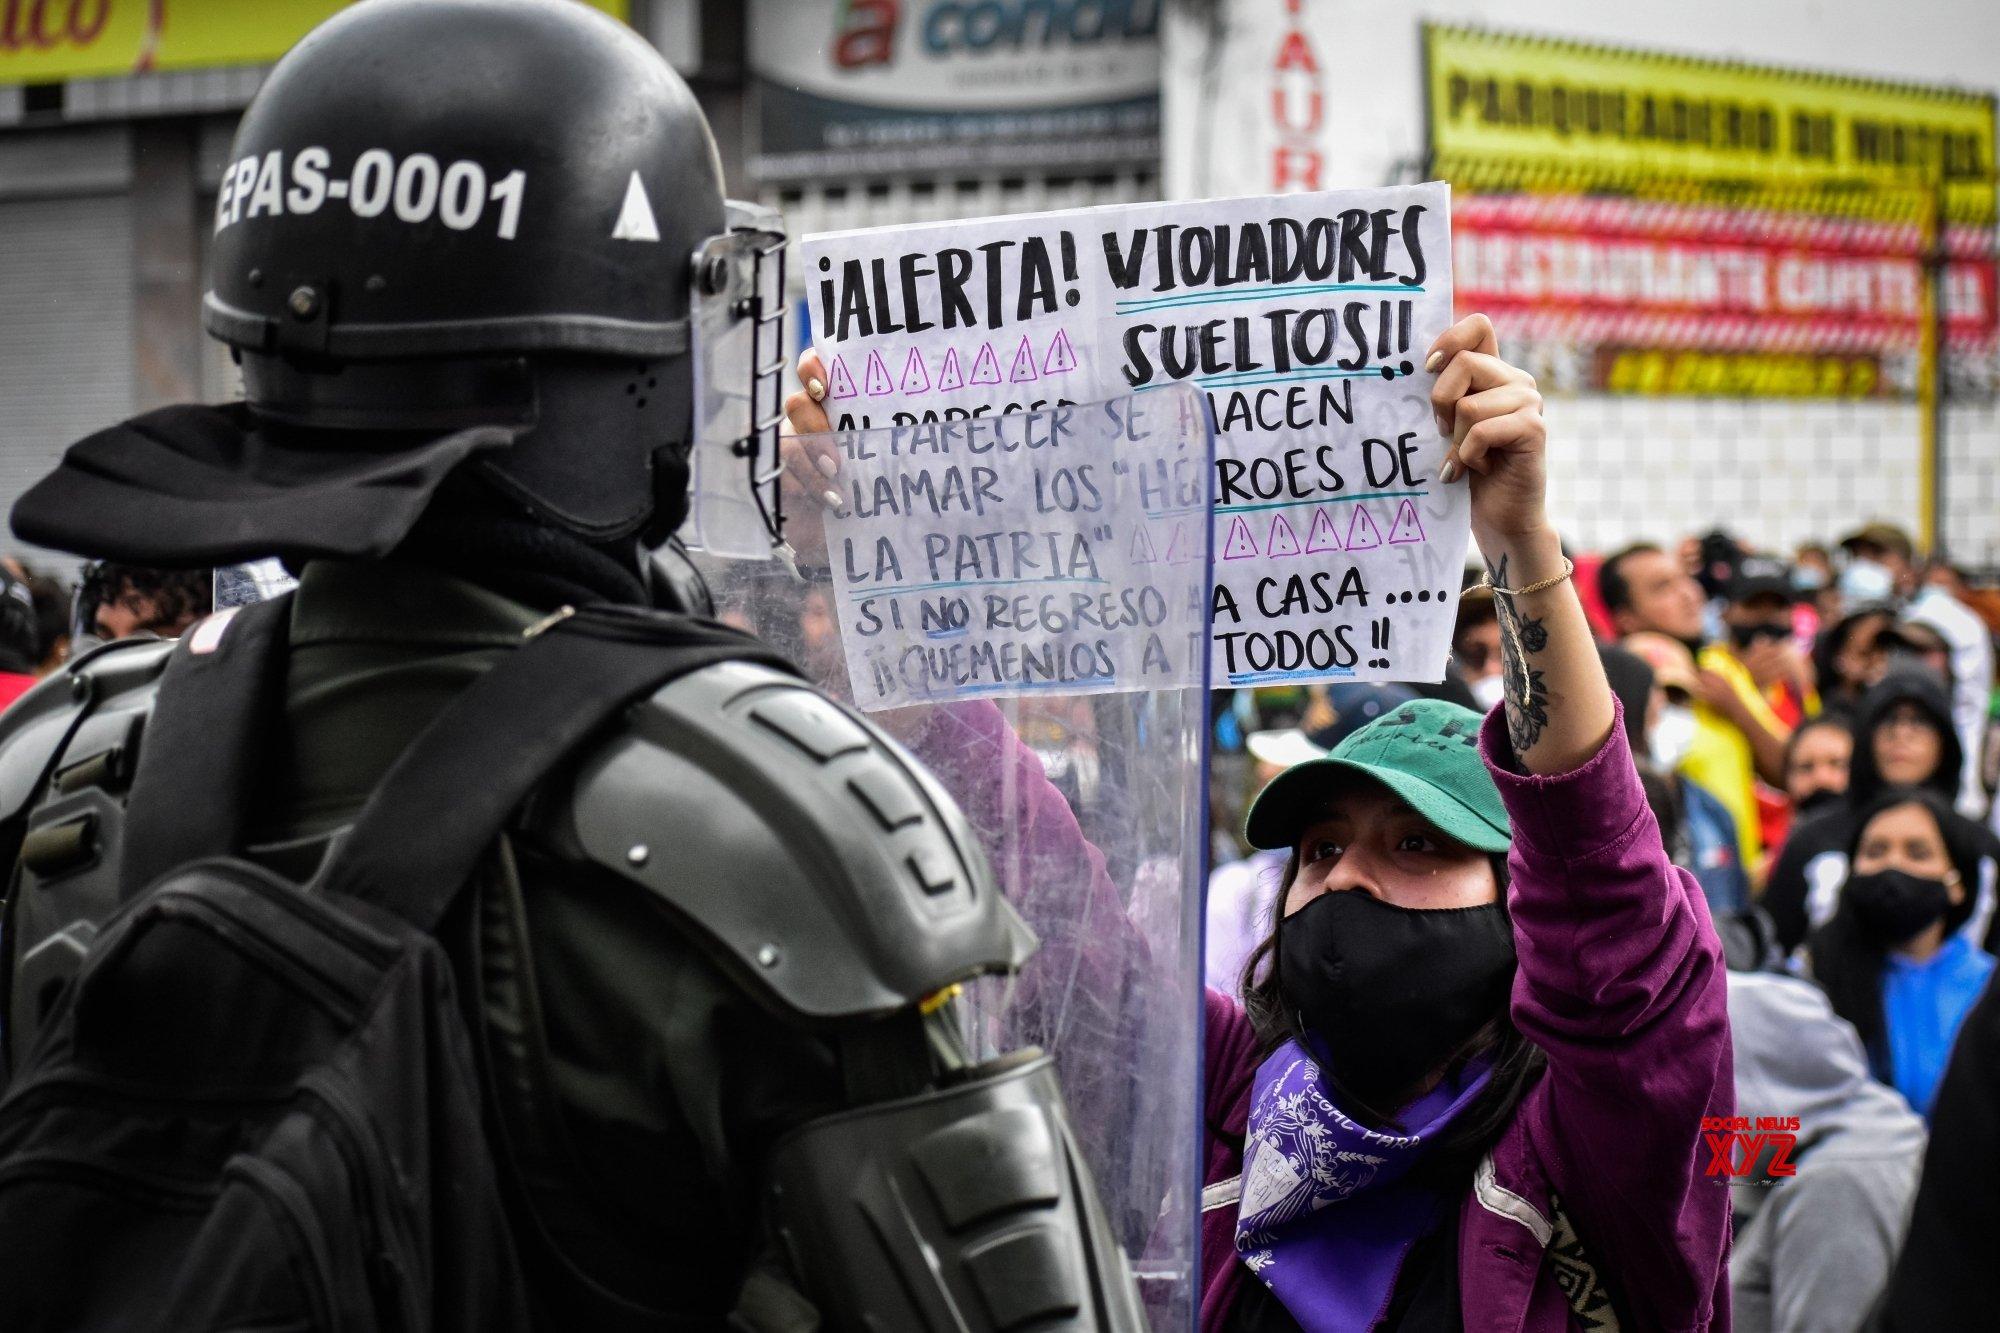 Colombian FM steps down after violent protests